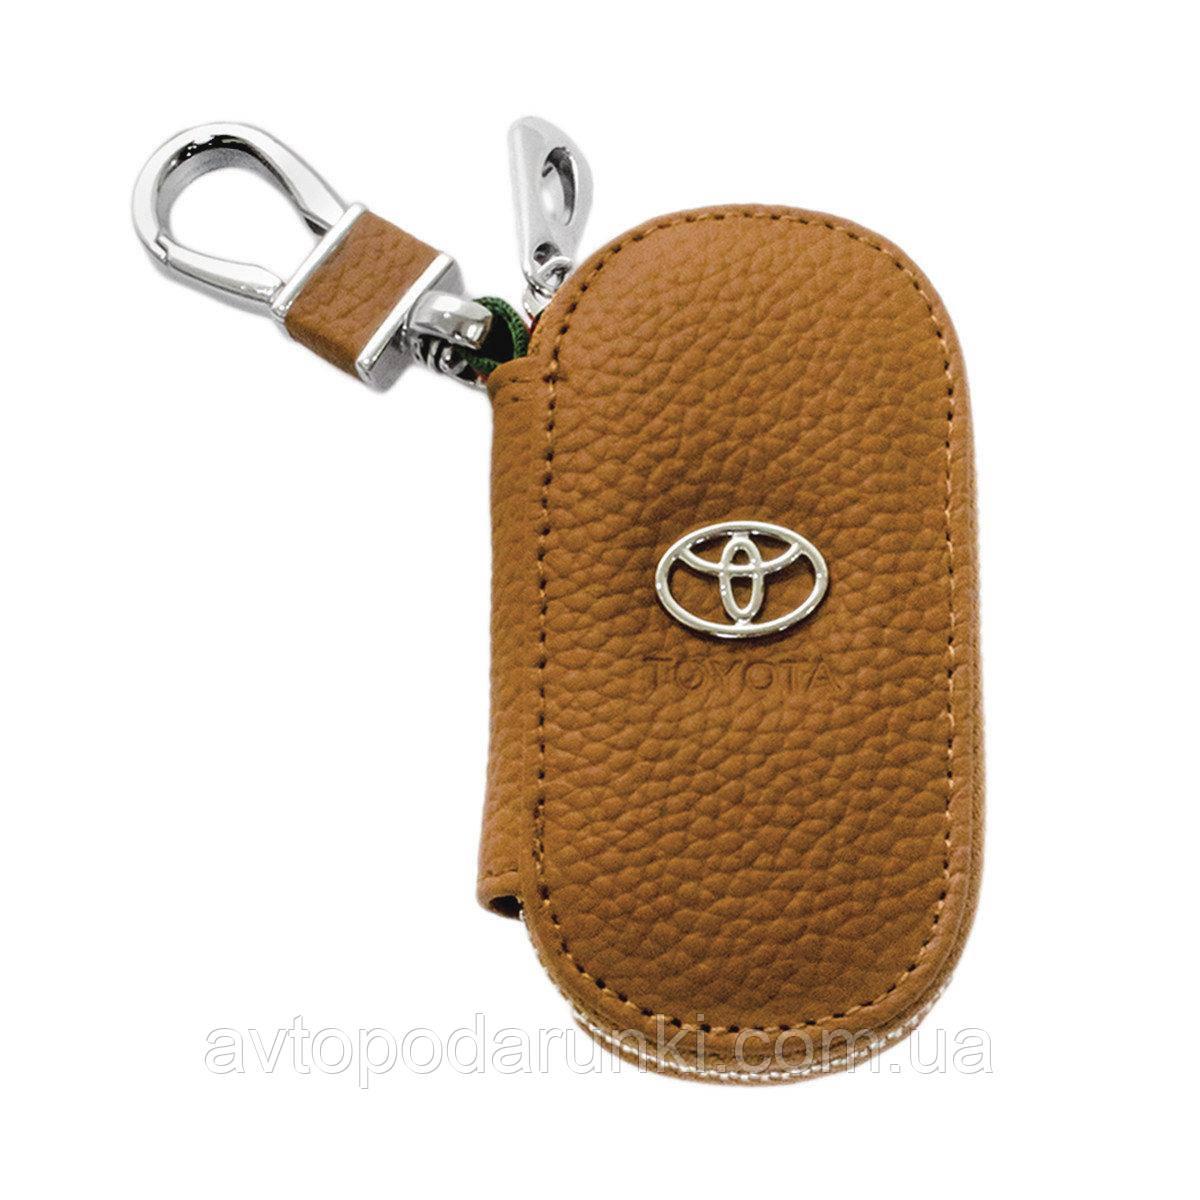 Ключница TOYOTA, кожаная автоключница с логотипом  ТОЙОТА (коричневая 07001)